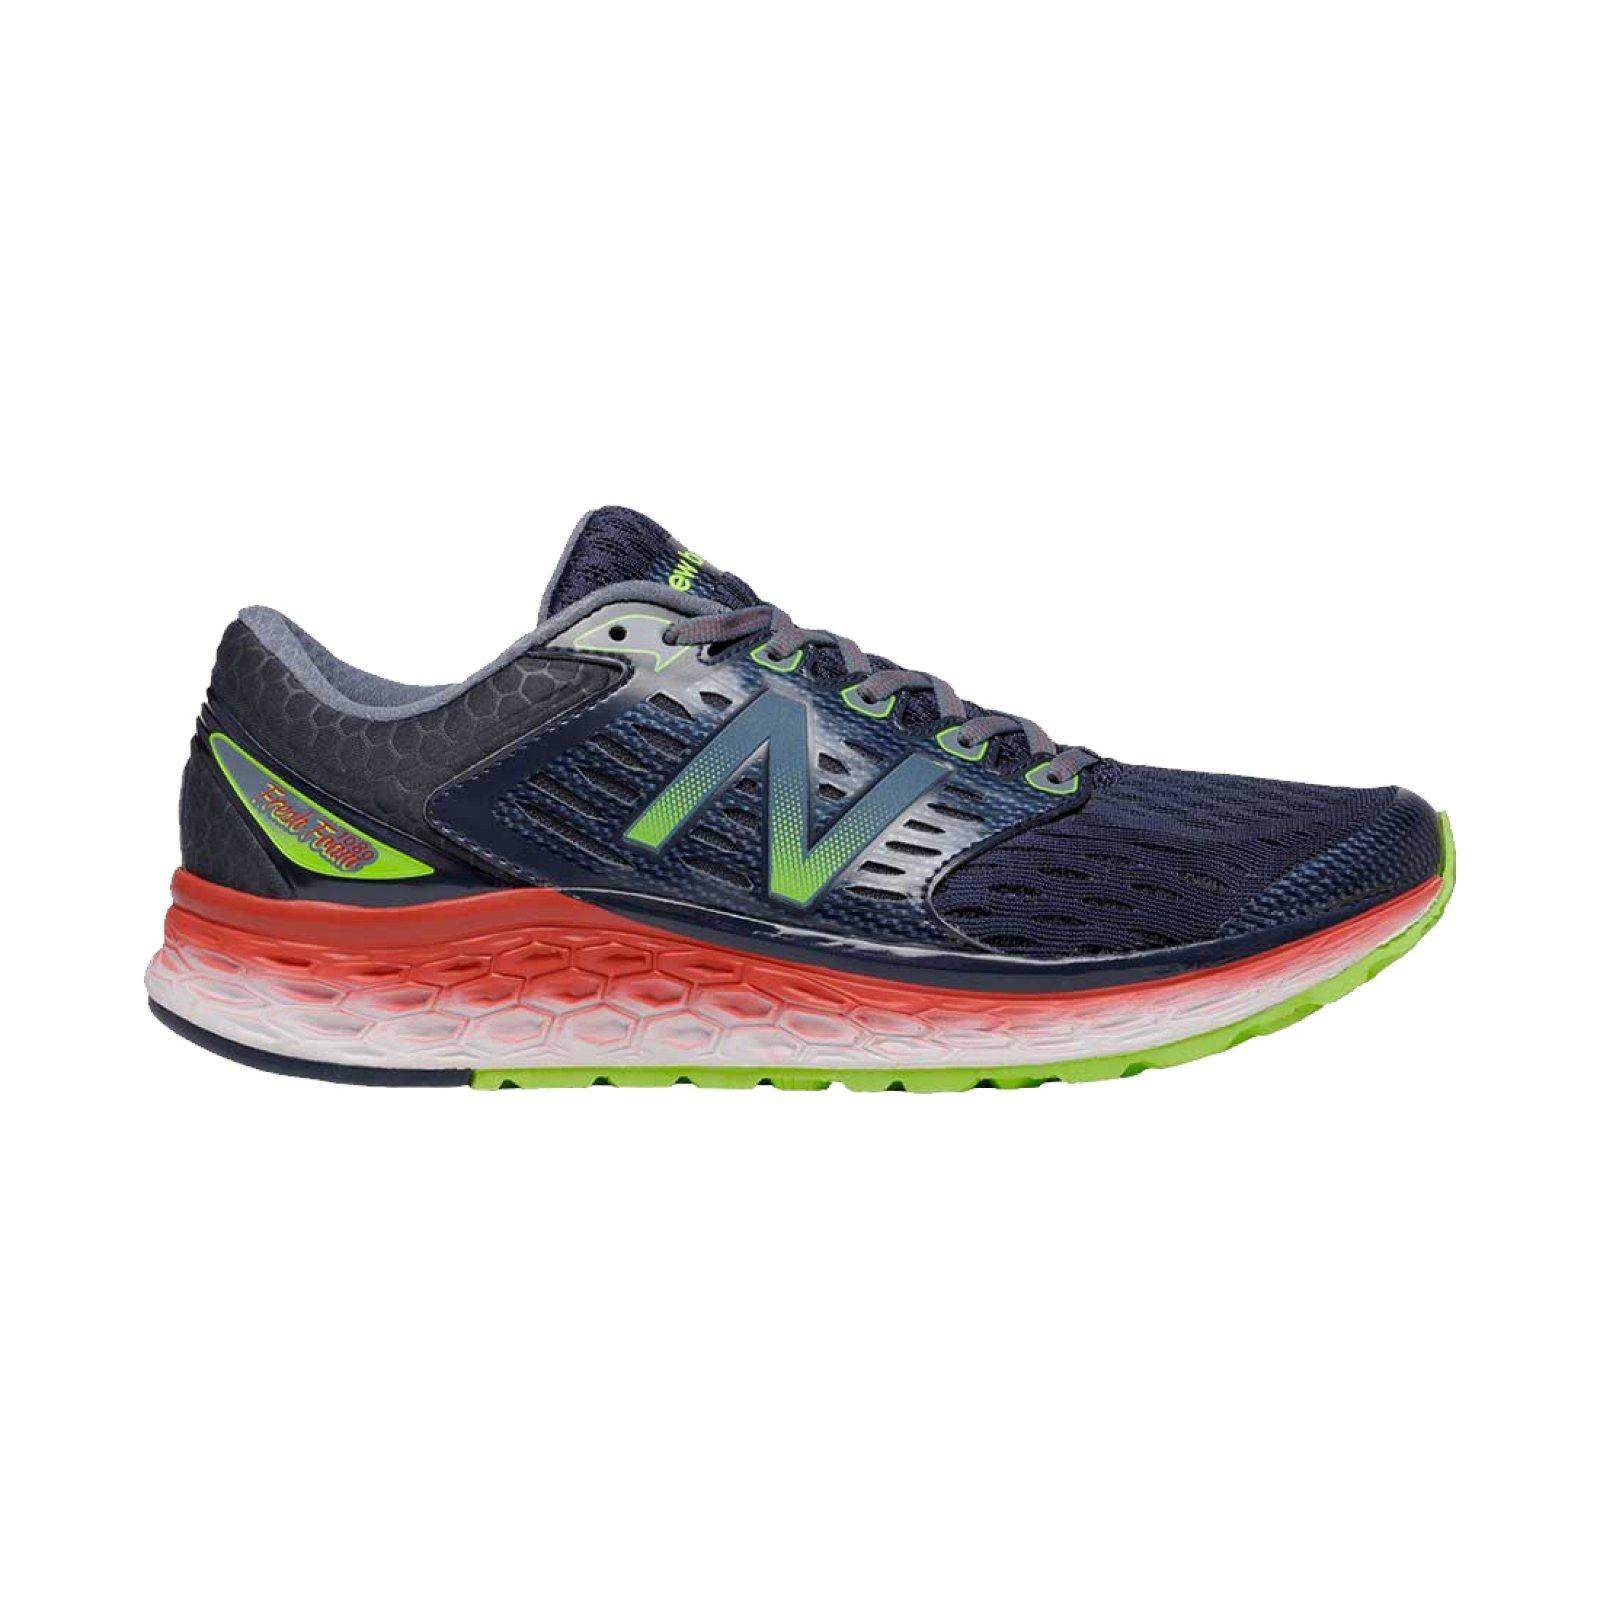 5b5dac18e69 Silniční běžecké boty New Balance 1080v6 M1080BK6 - Actisport.cz